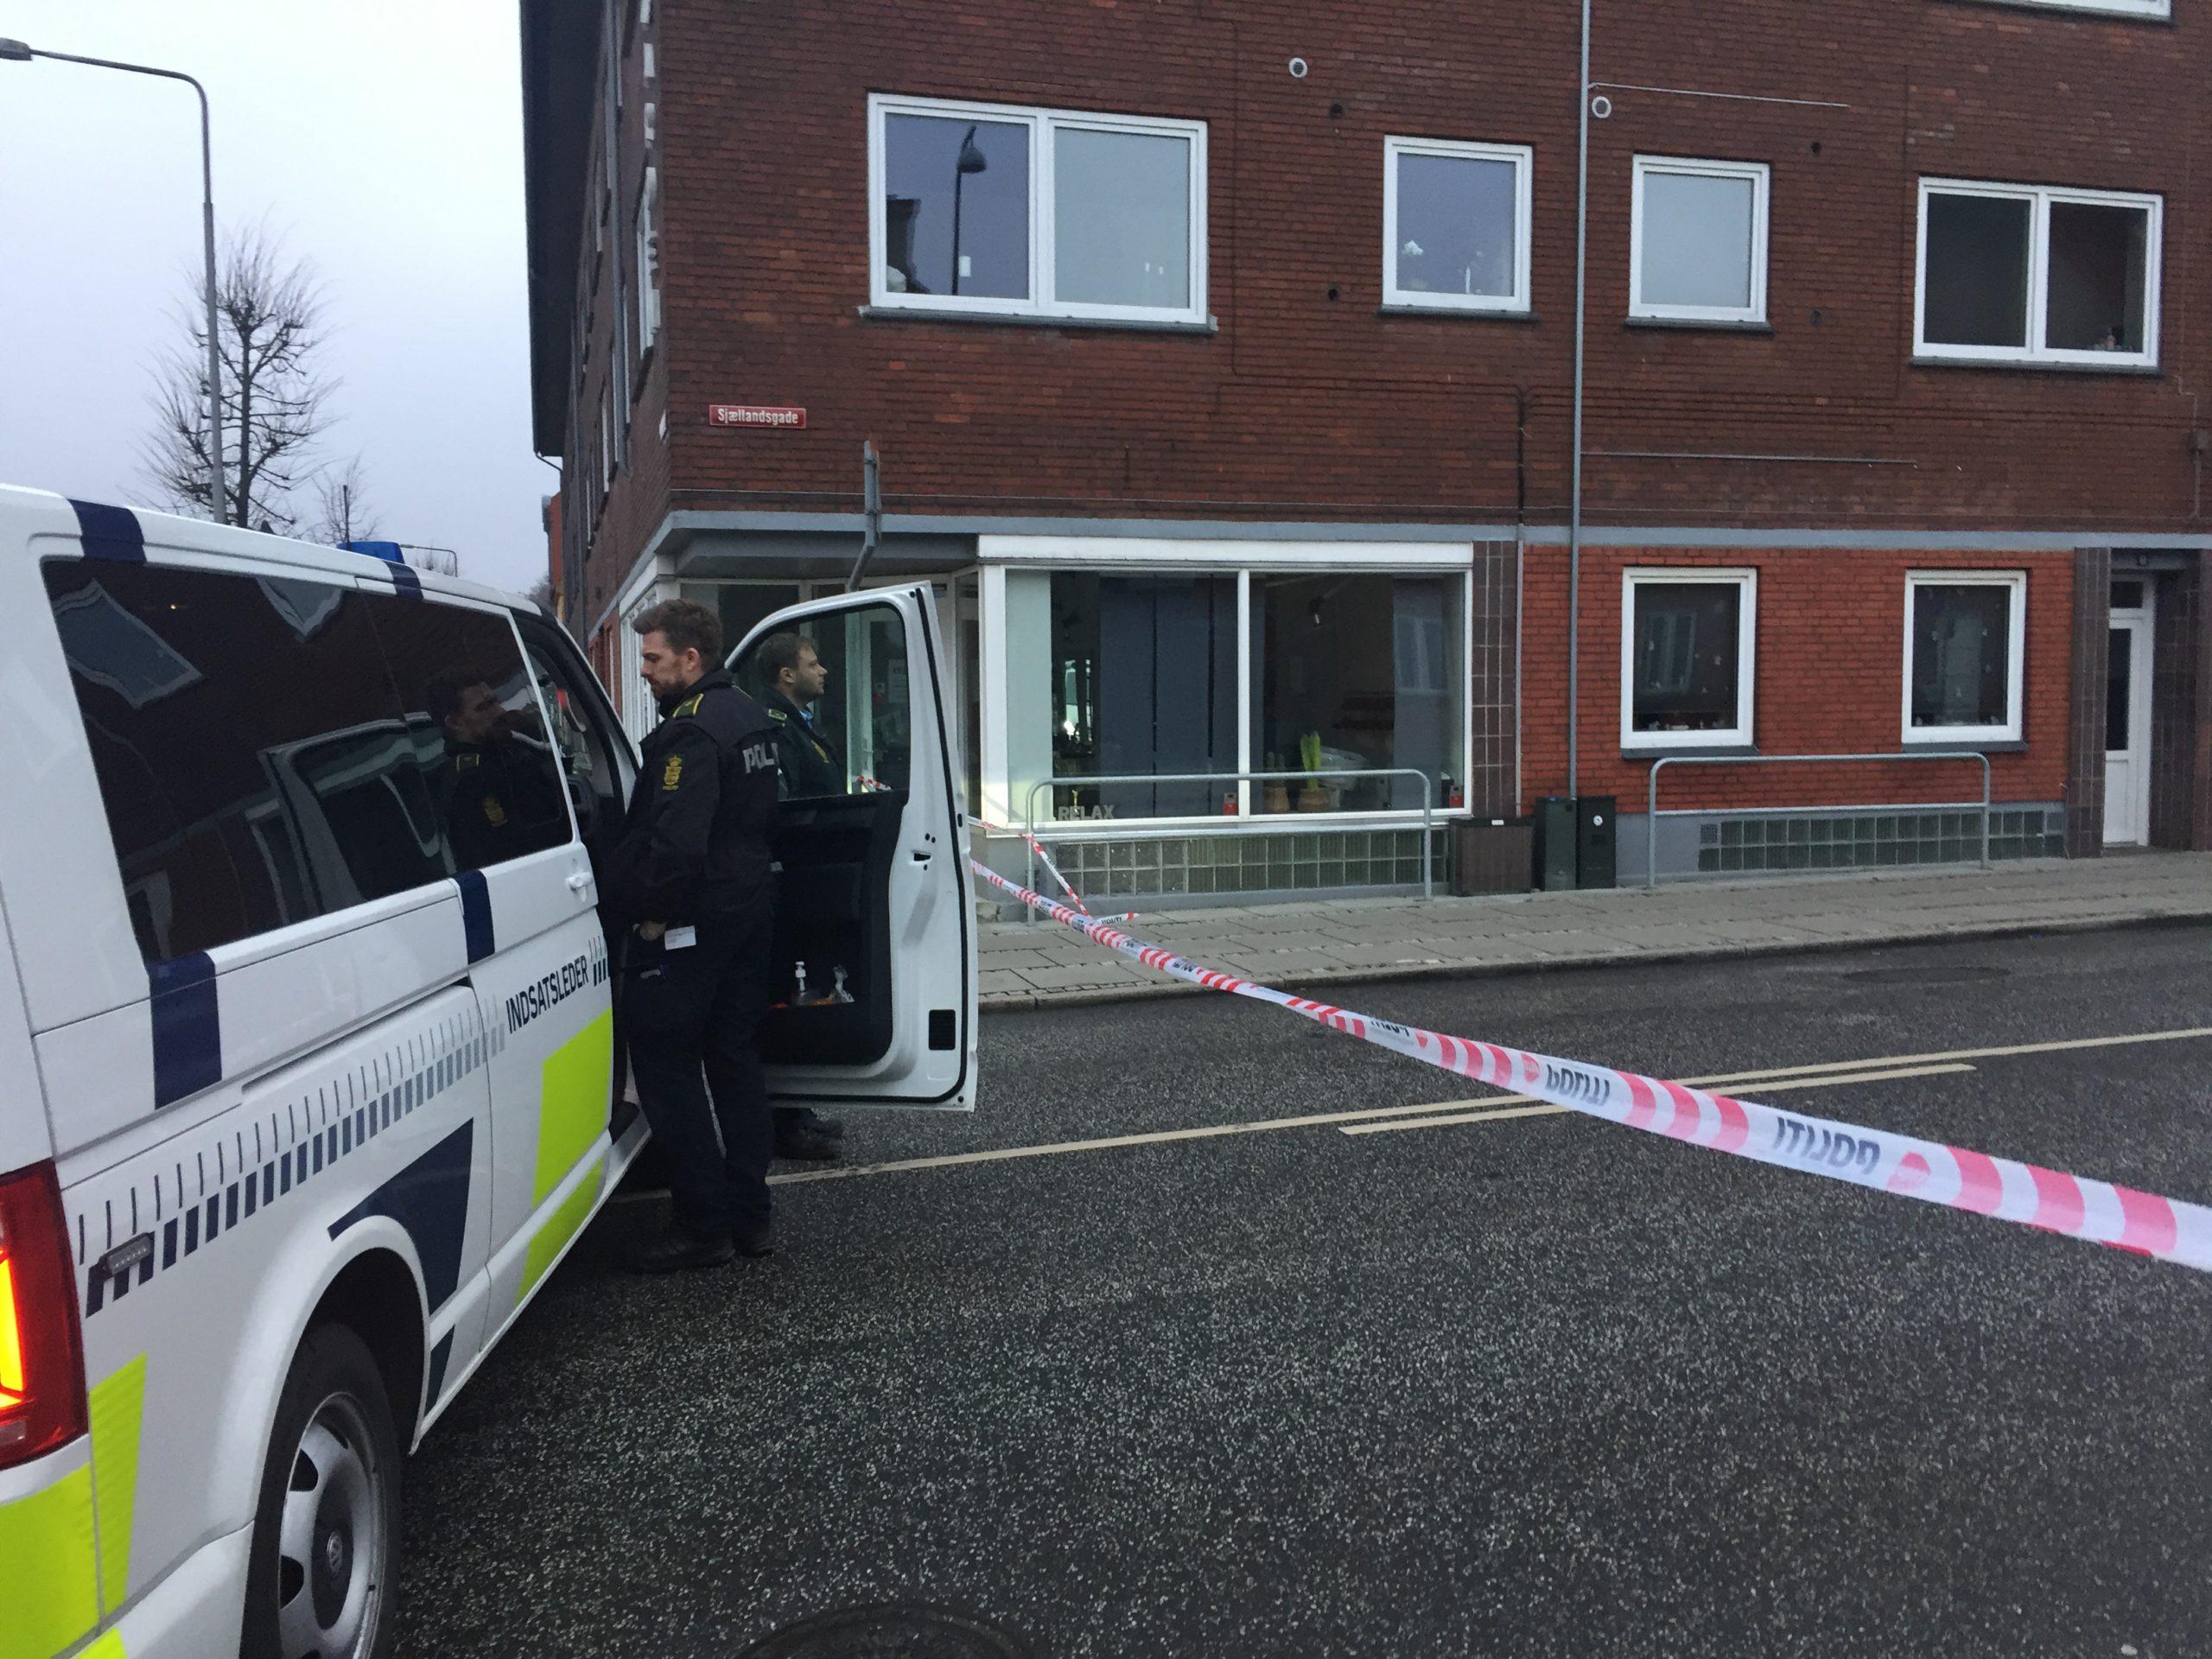 Politiaktion i Sjællandsgade/Dronningensgade – Politiet undersøger gerningssted